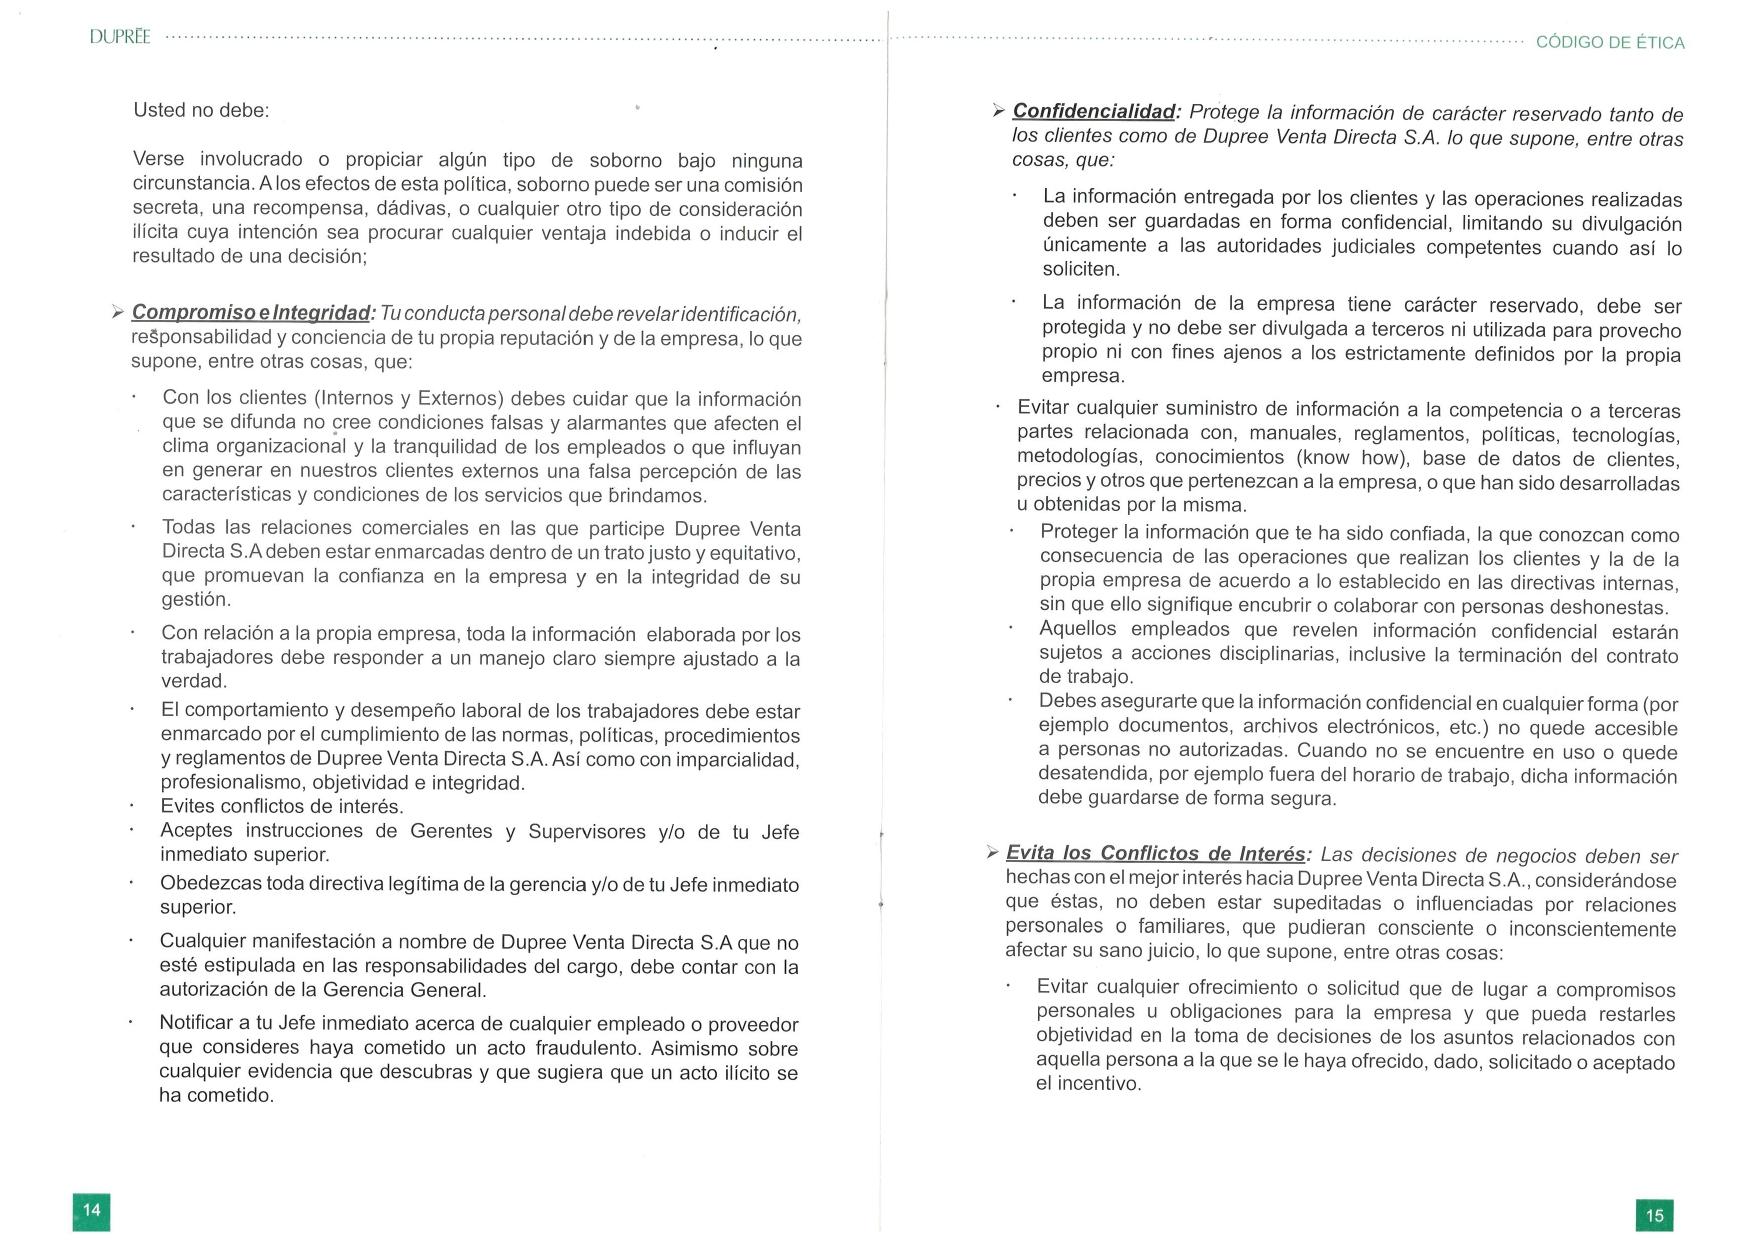 codigo-de-etica6